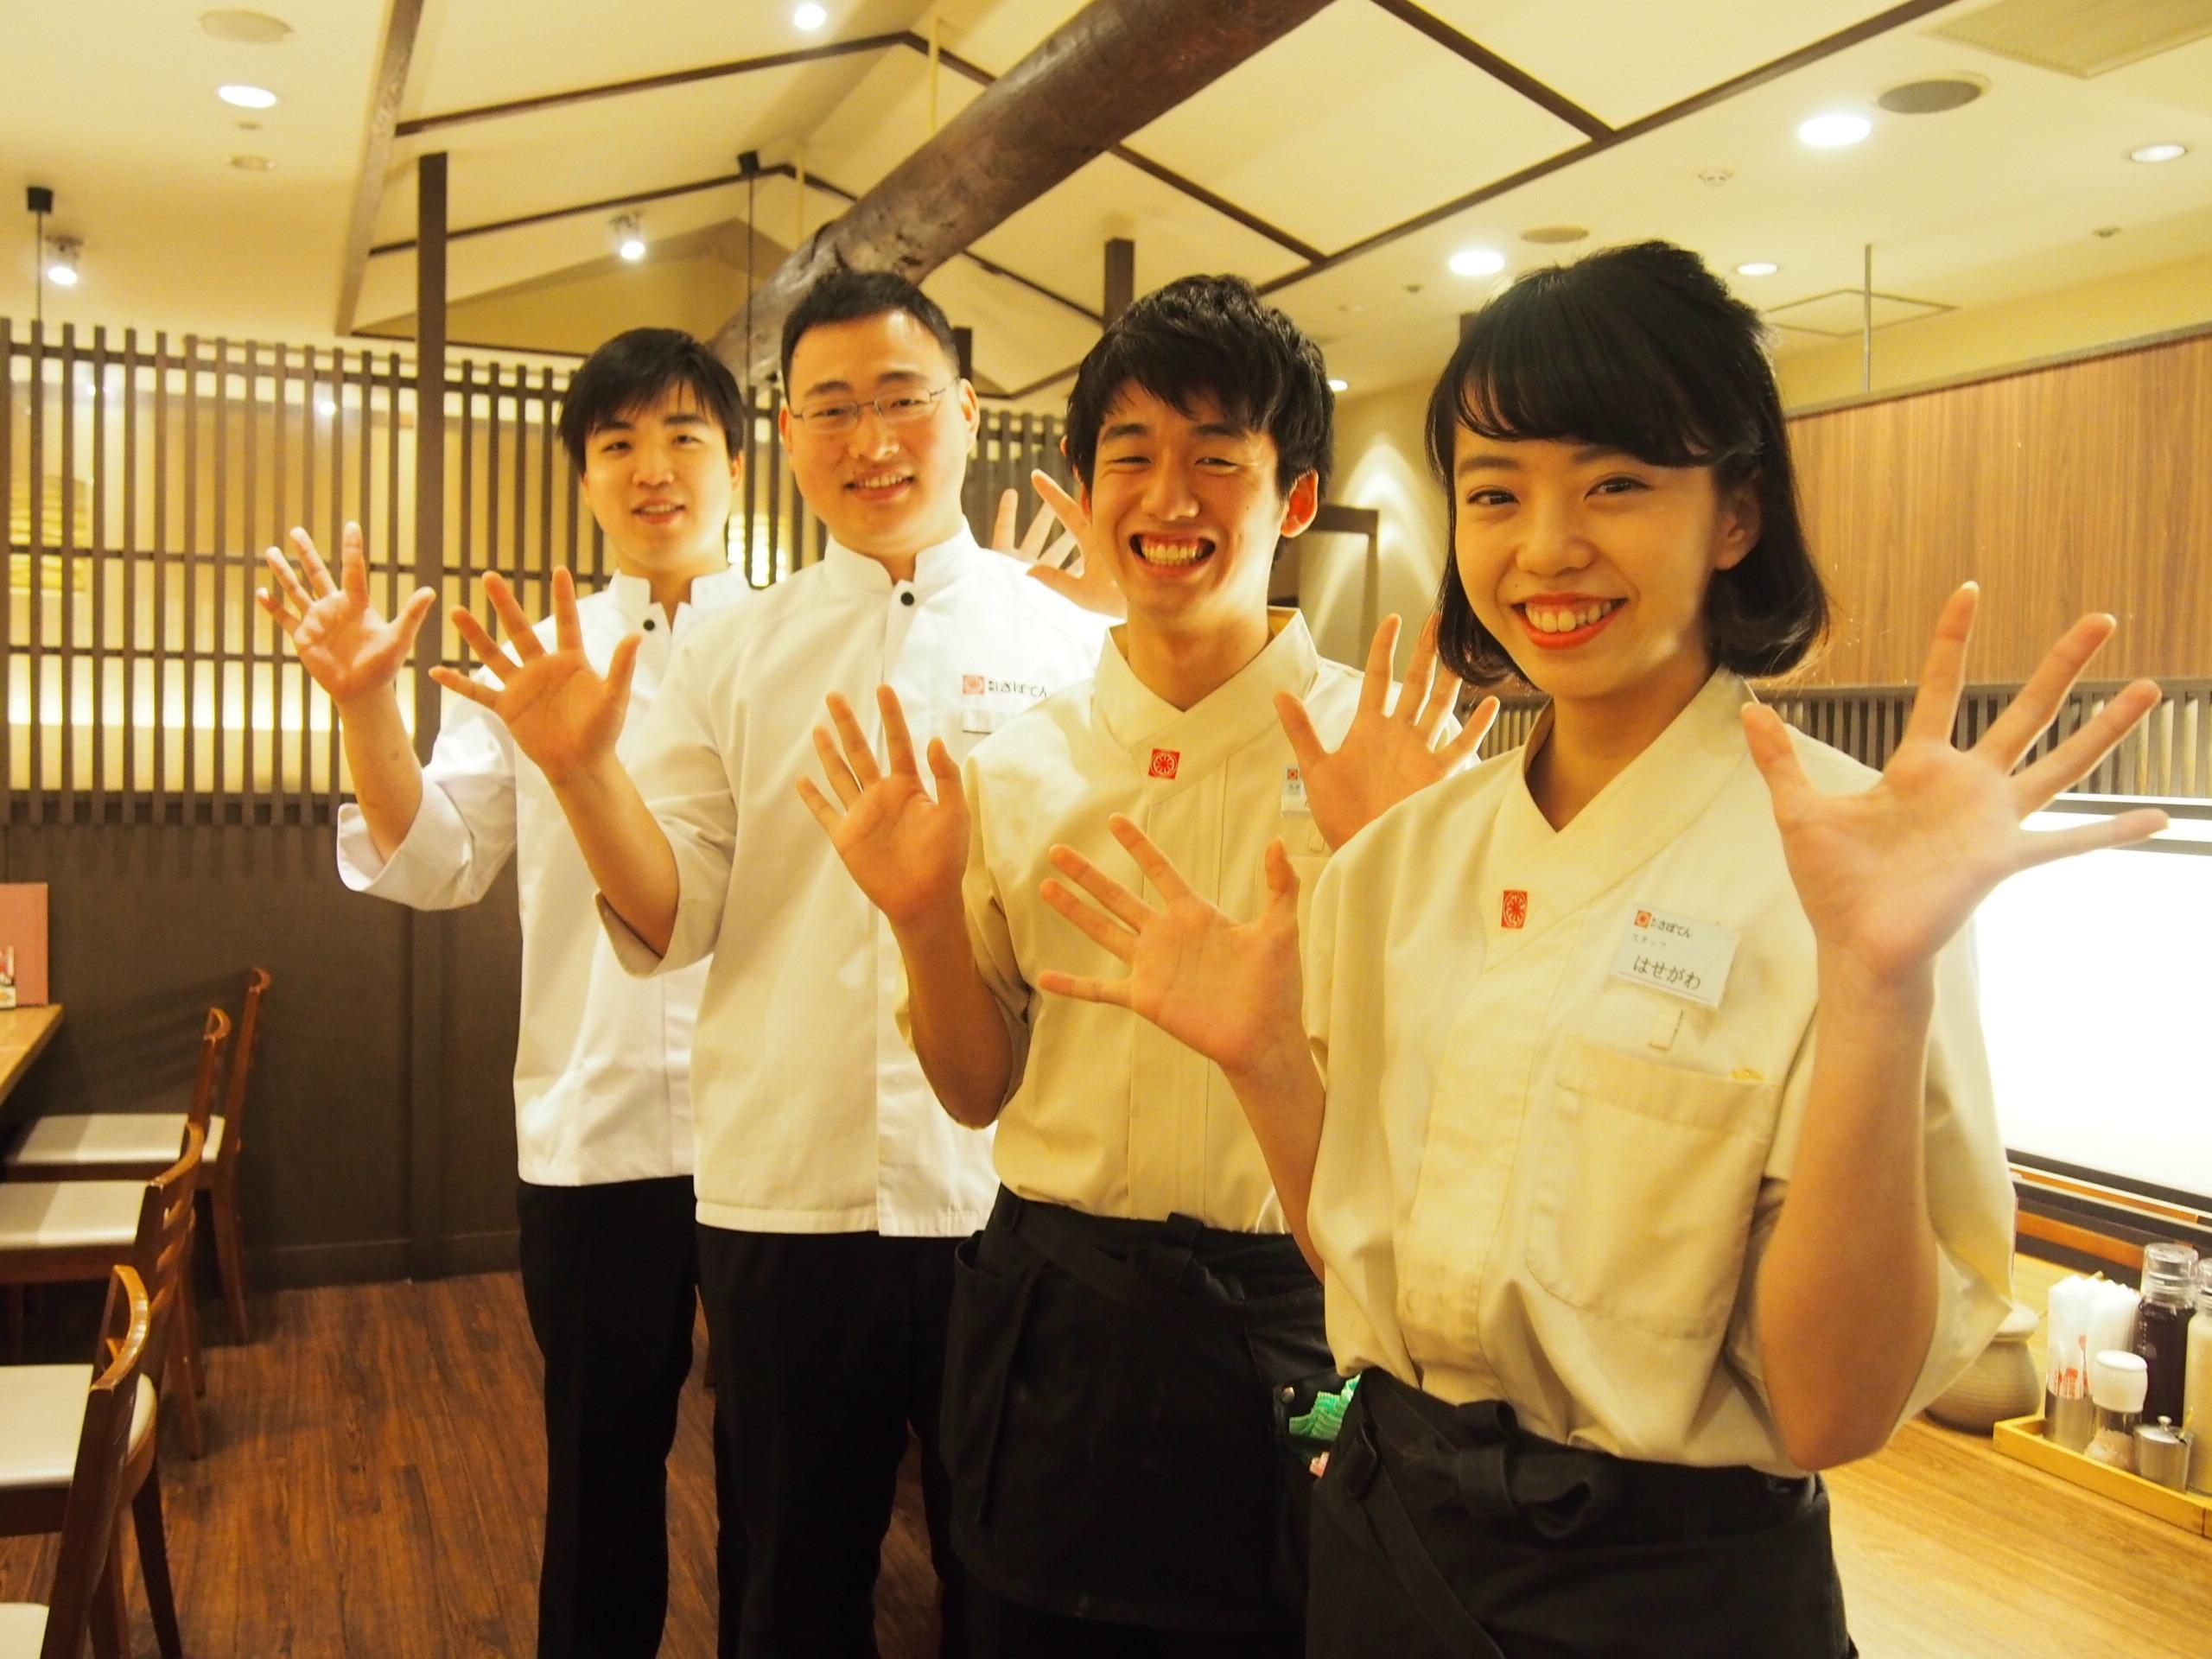 とんかつ新宿さぼてん 聖蹟桜ヶ丘京王店 のアルバイト情報